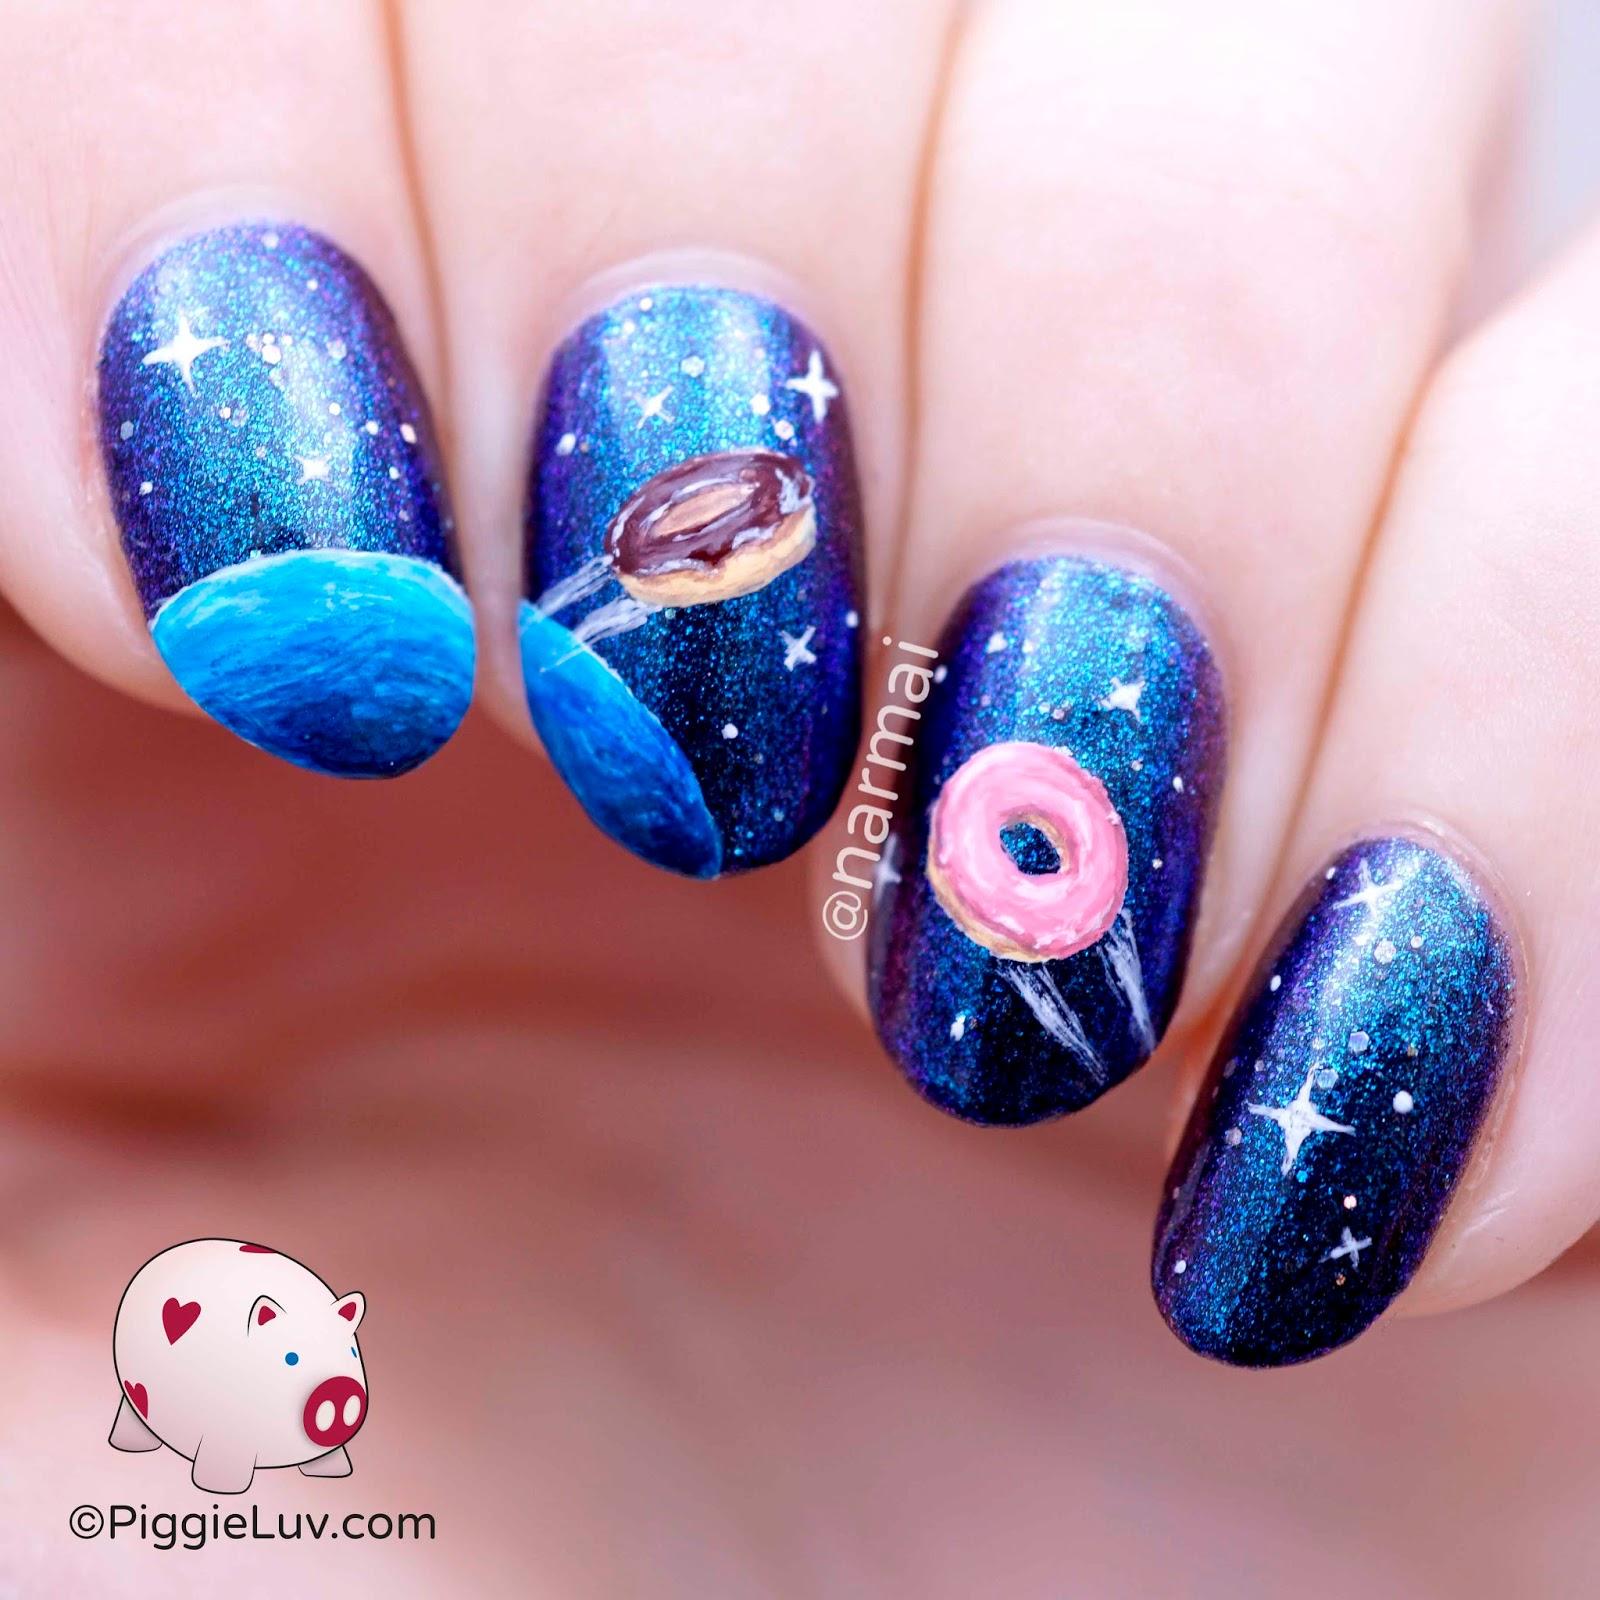 PiggieLuv: Galaxy donuts nail art